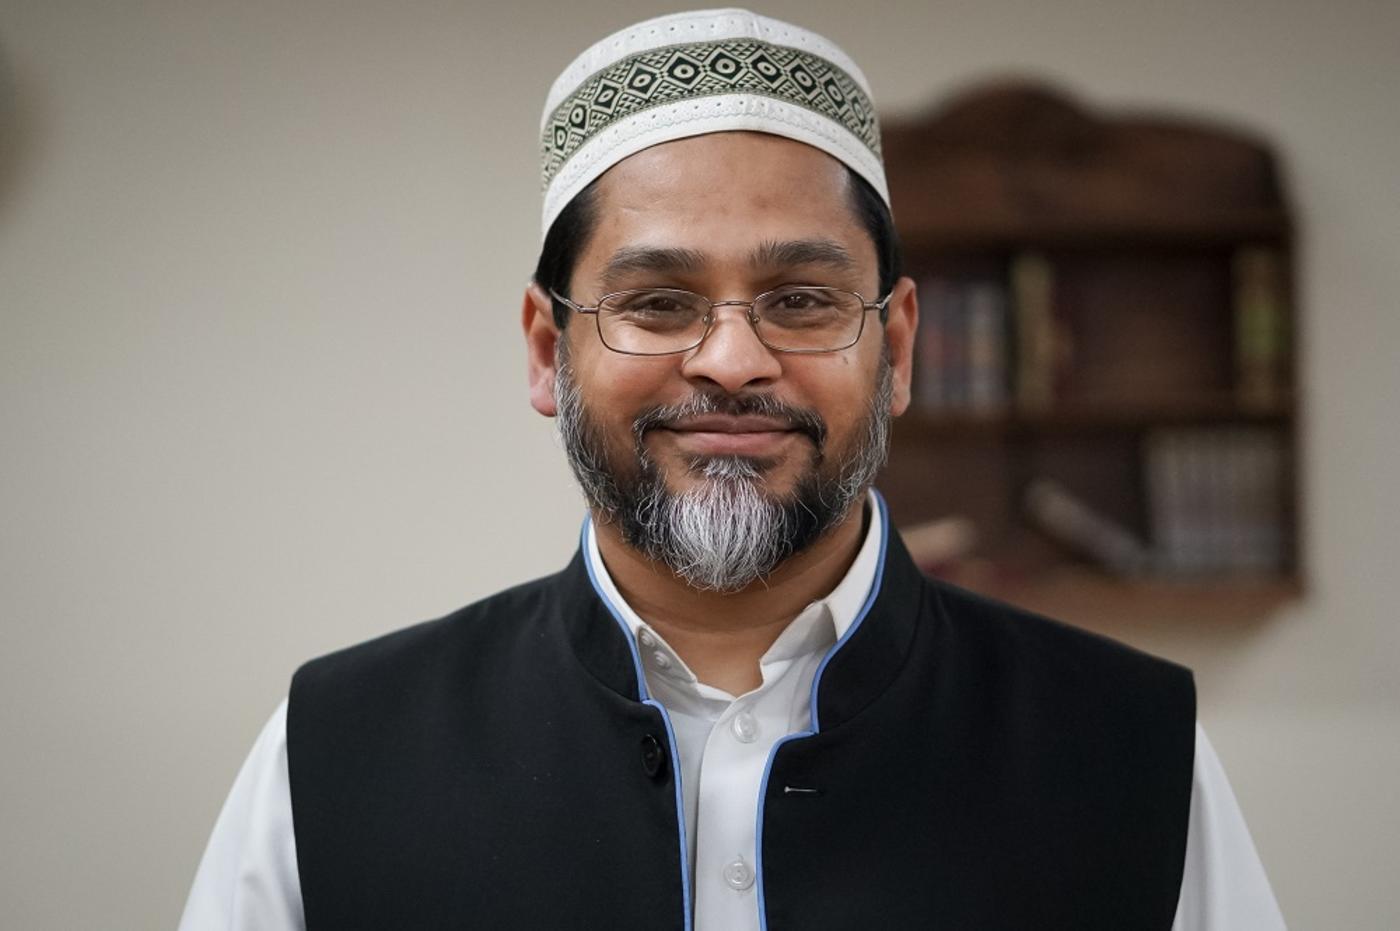 Imam Asad Zaman